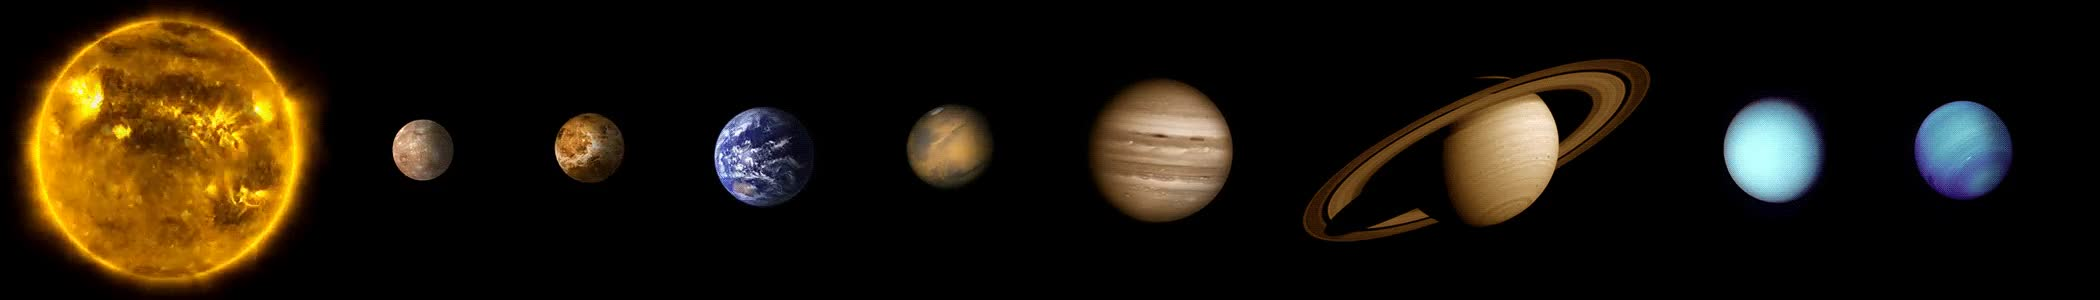 Enlace a Nuestro Sistema Solar en movimiento